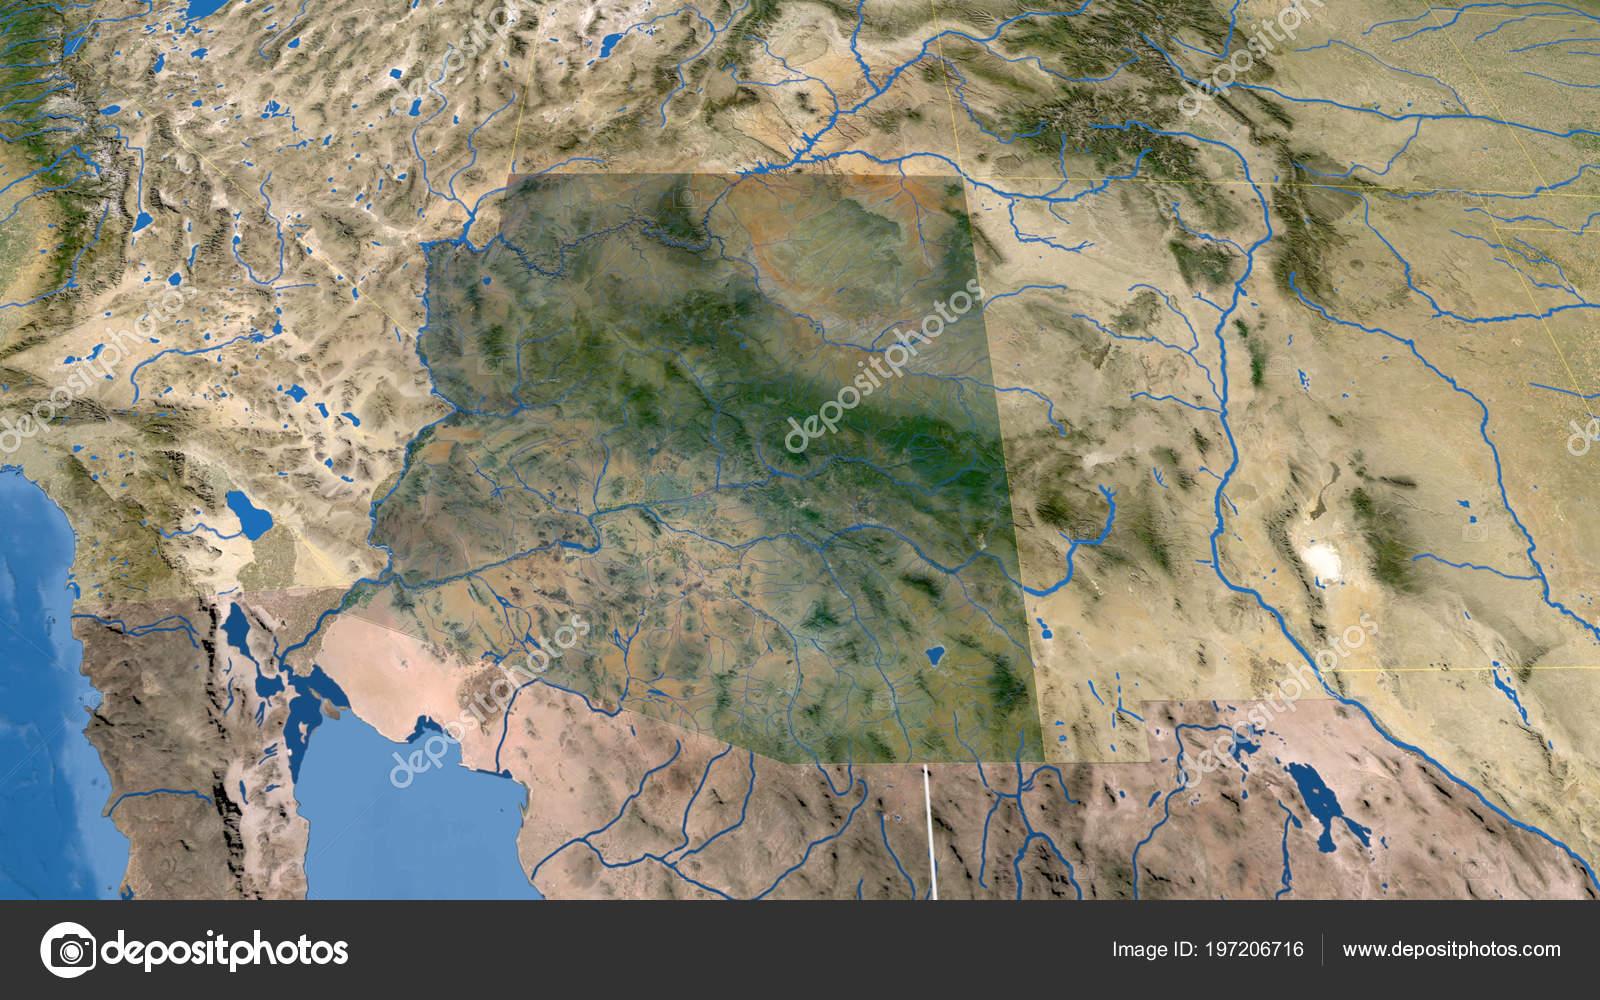 Satellite Map Of Arizona.Arizona Region United States Outlined Satellite Imagery Stock